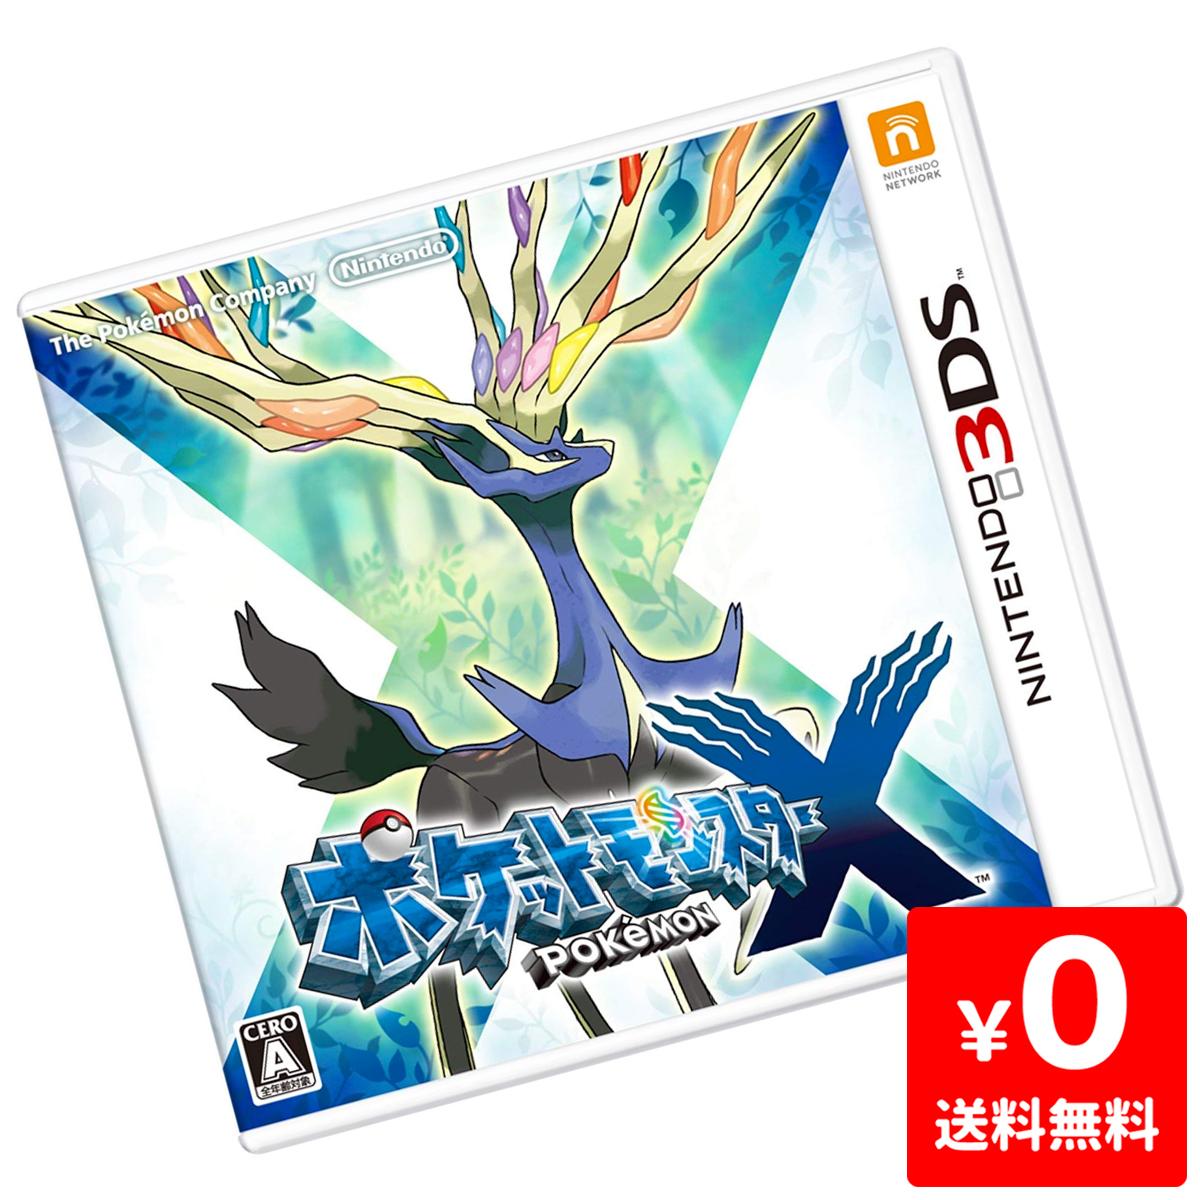 良い 3DS ニンテンドー3DS 上品 ポケットモンスター X ソフト ☆国内最安値に挑戦☆ ニンテンドー ケースあり Nintendo 中古 任天堂 4902370521047